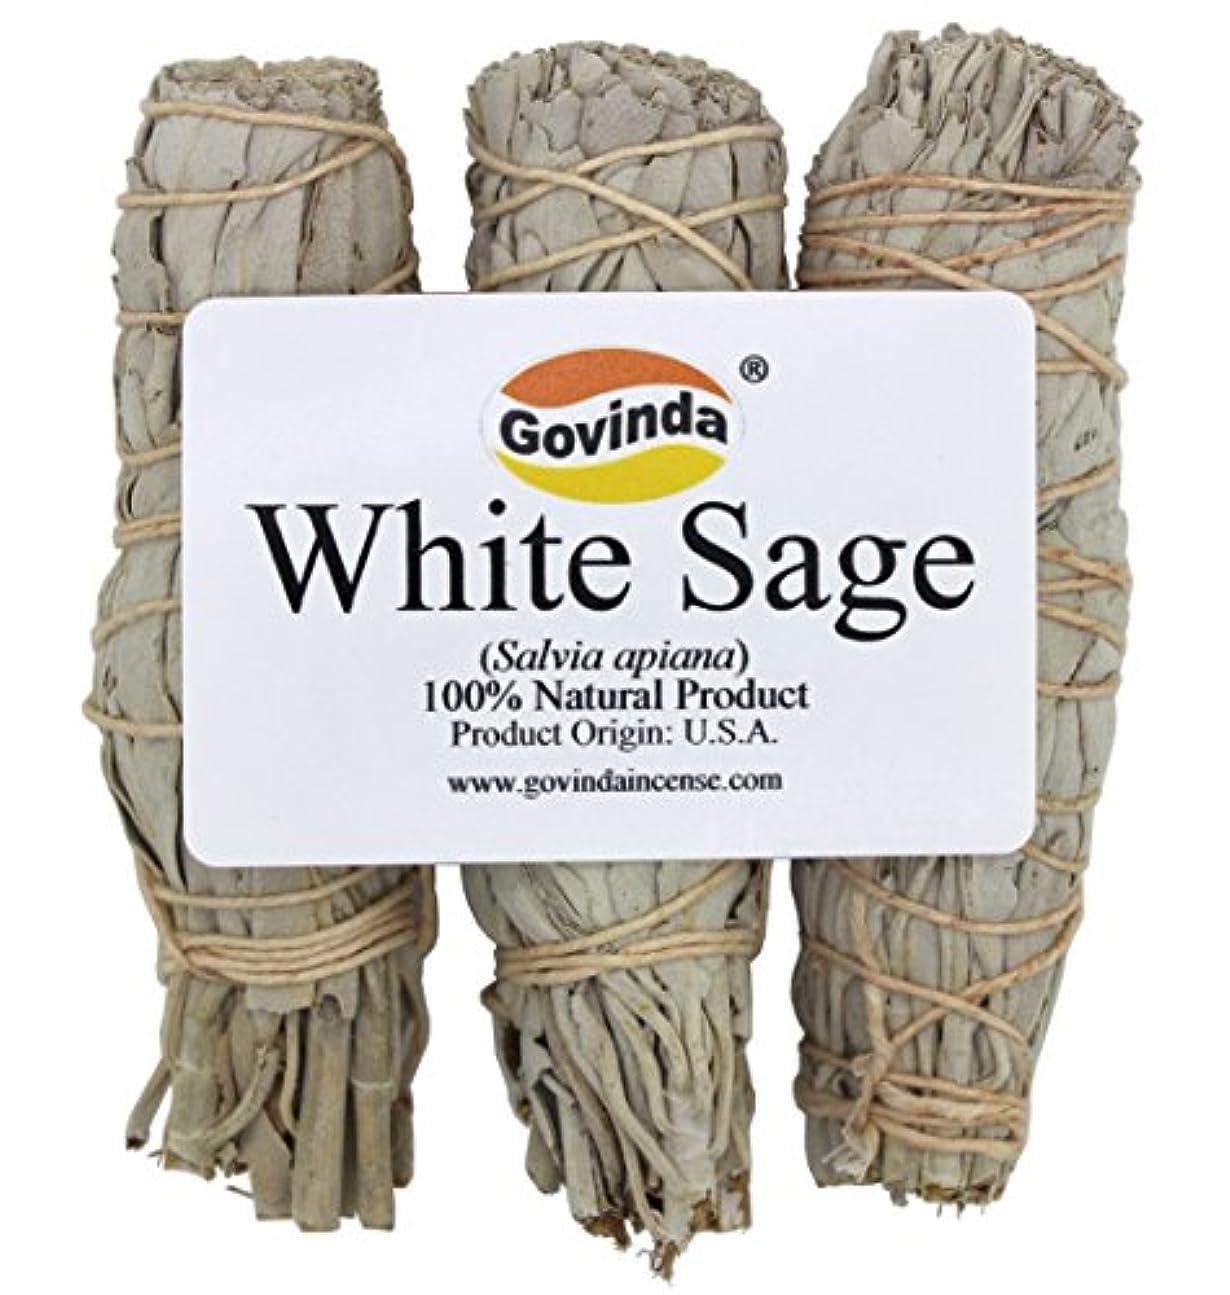 虚弱化粧盆地Govinda - Pack of 3 Mini White Sage Smudge Stick, 10cm Long